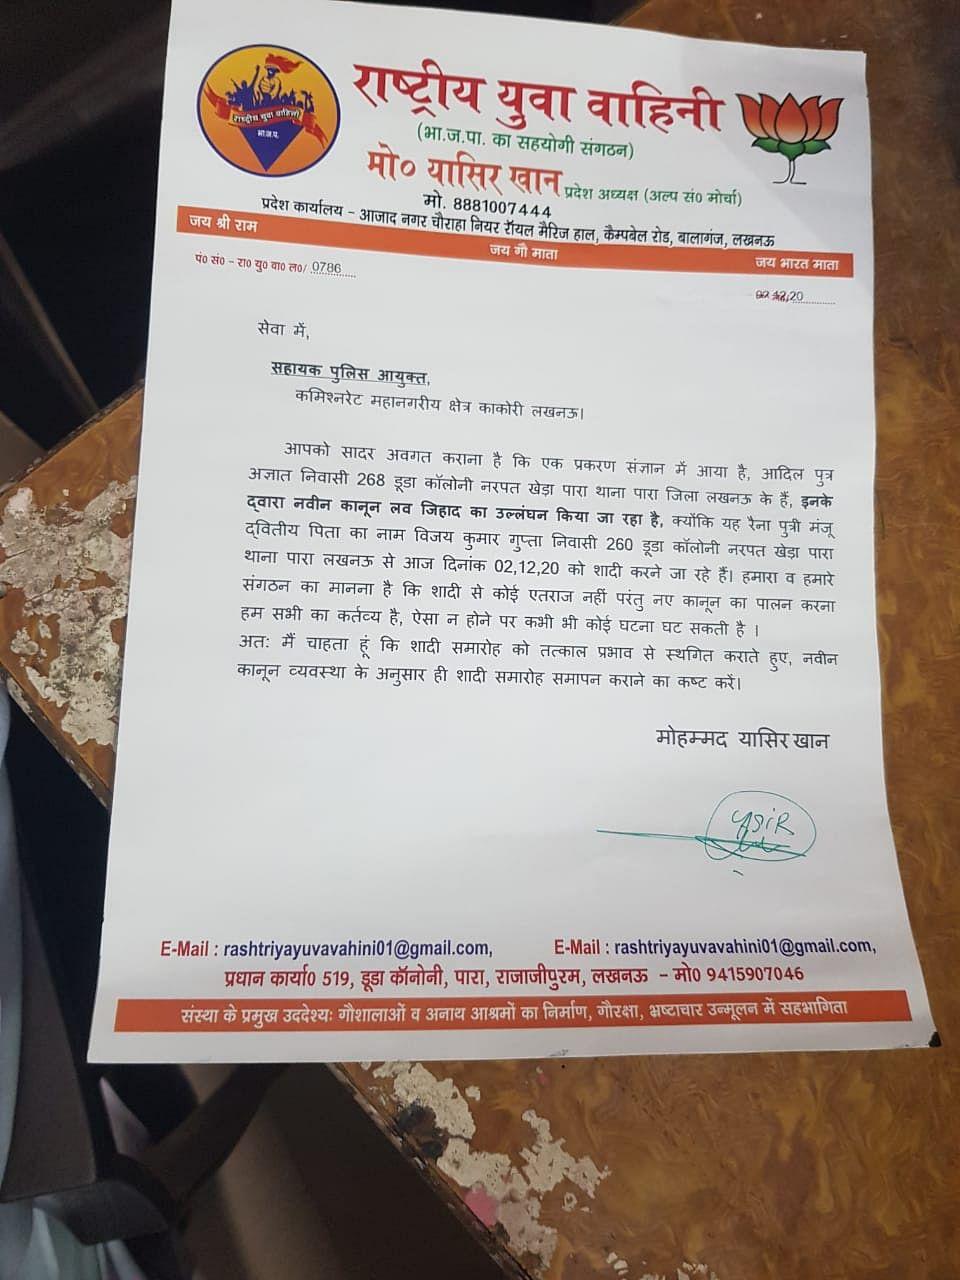 राष्ट्रीय युवा वाहिनी के मोहम्मद यासिर खान द्वारा सहायक पुलिस आयुक्त को लिखा गया पत्र